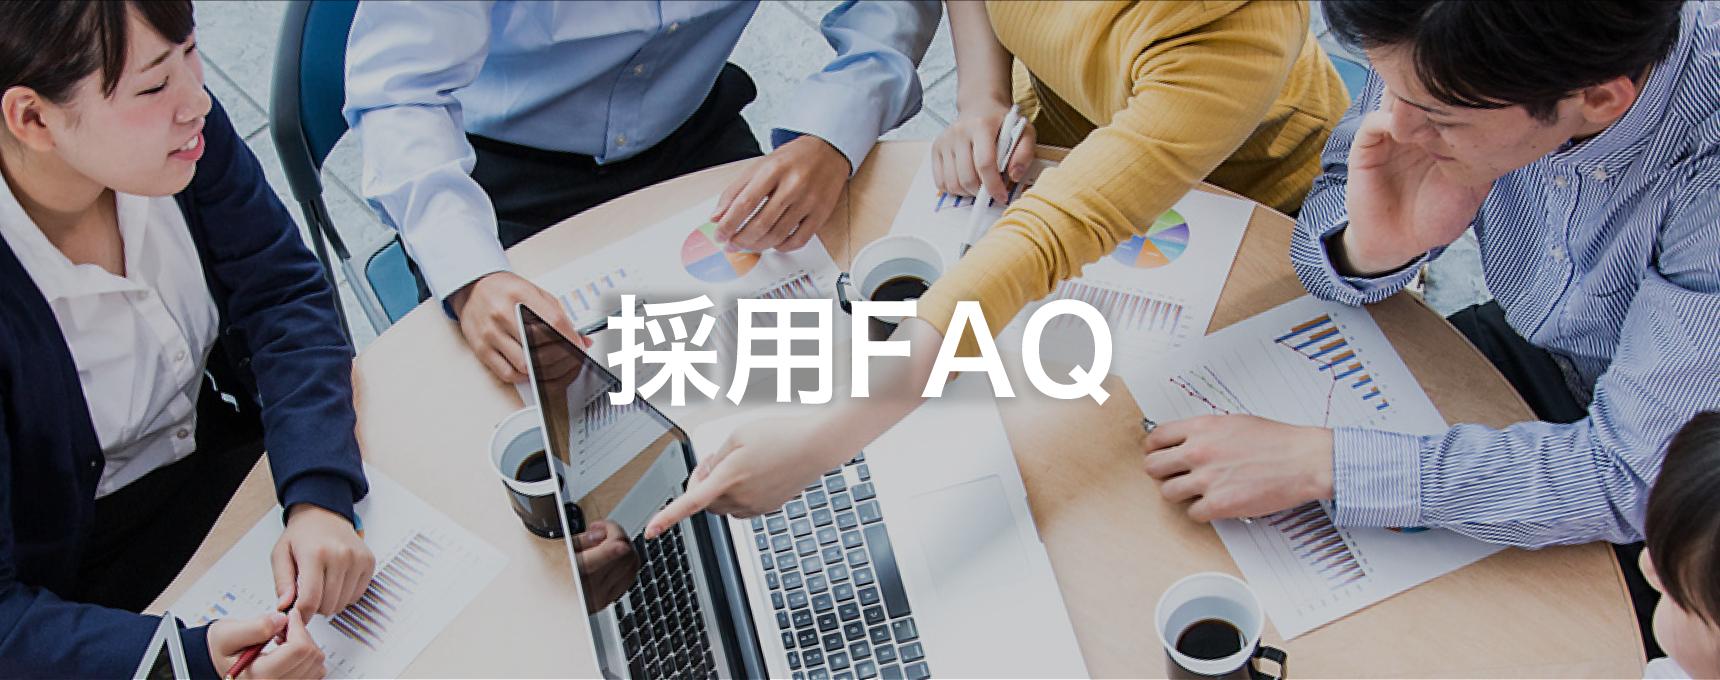 採用FAQ@2x-1